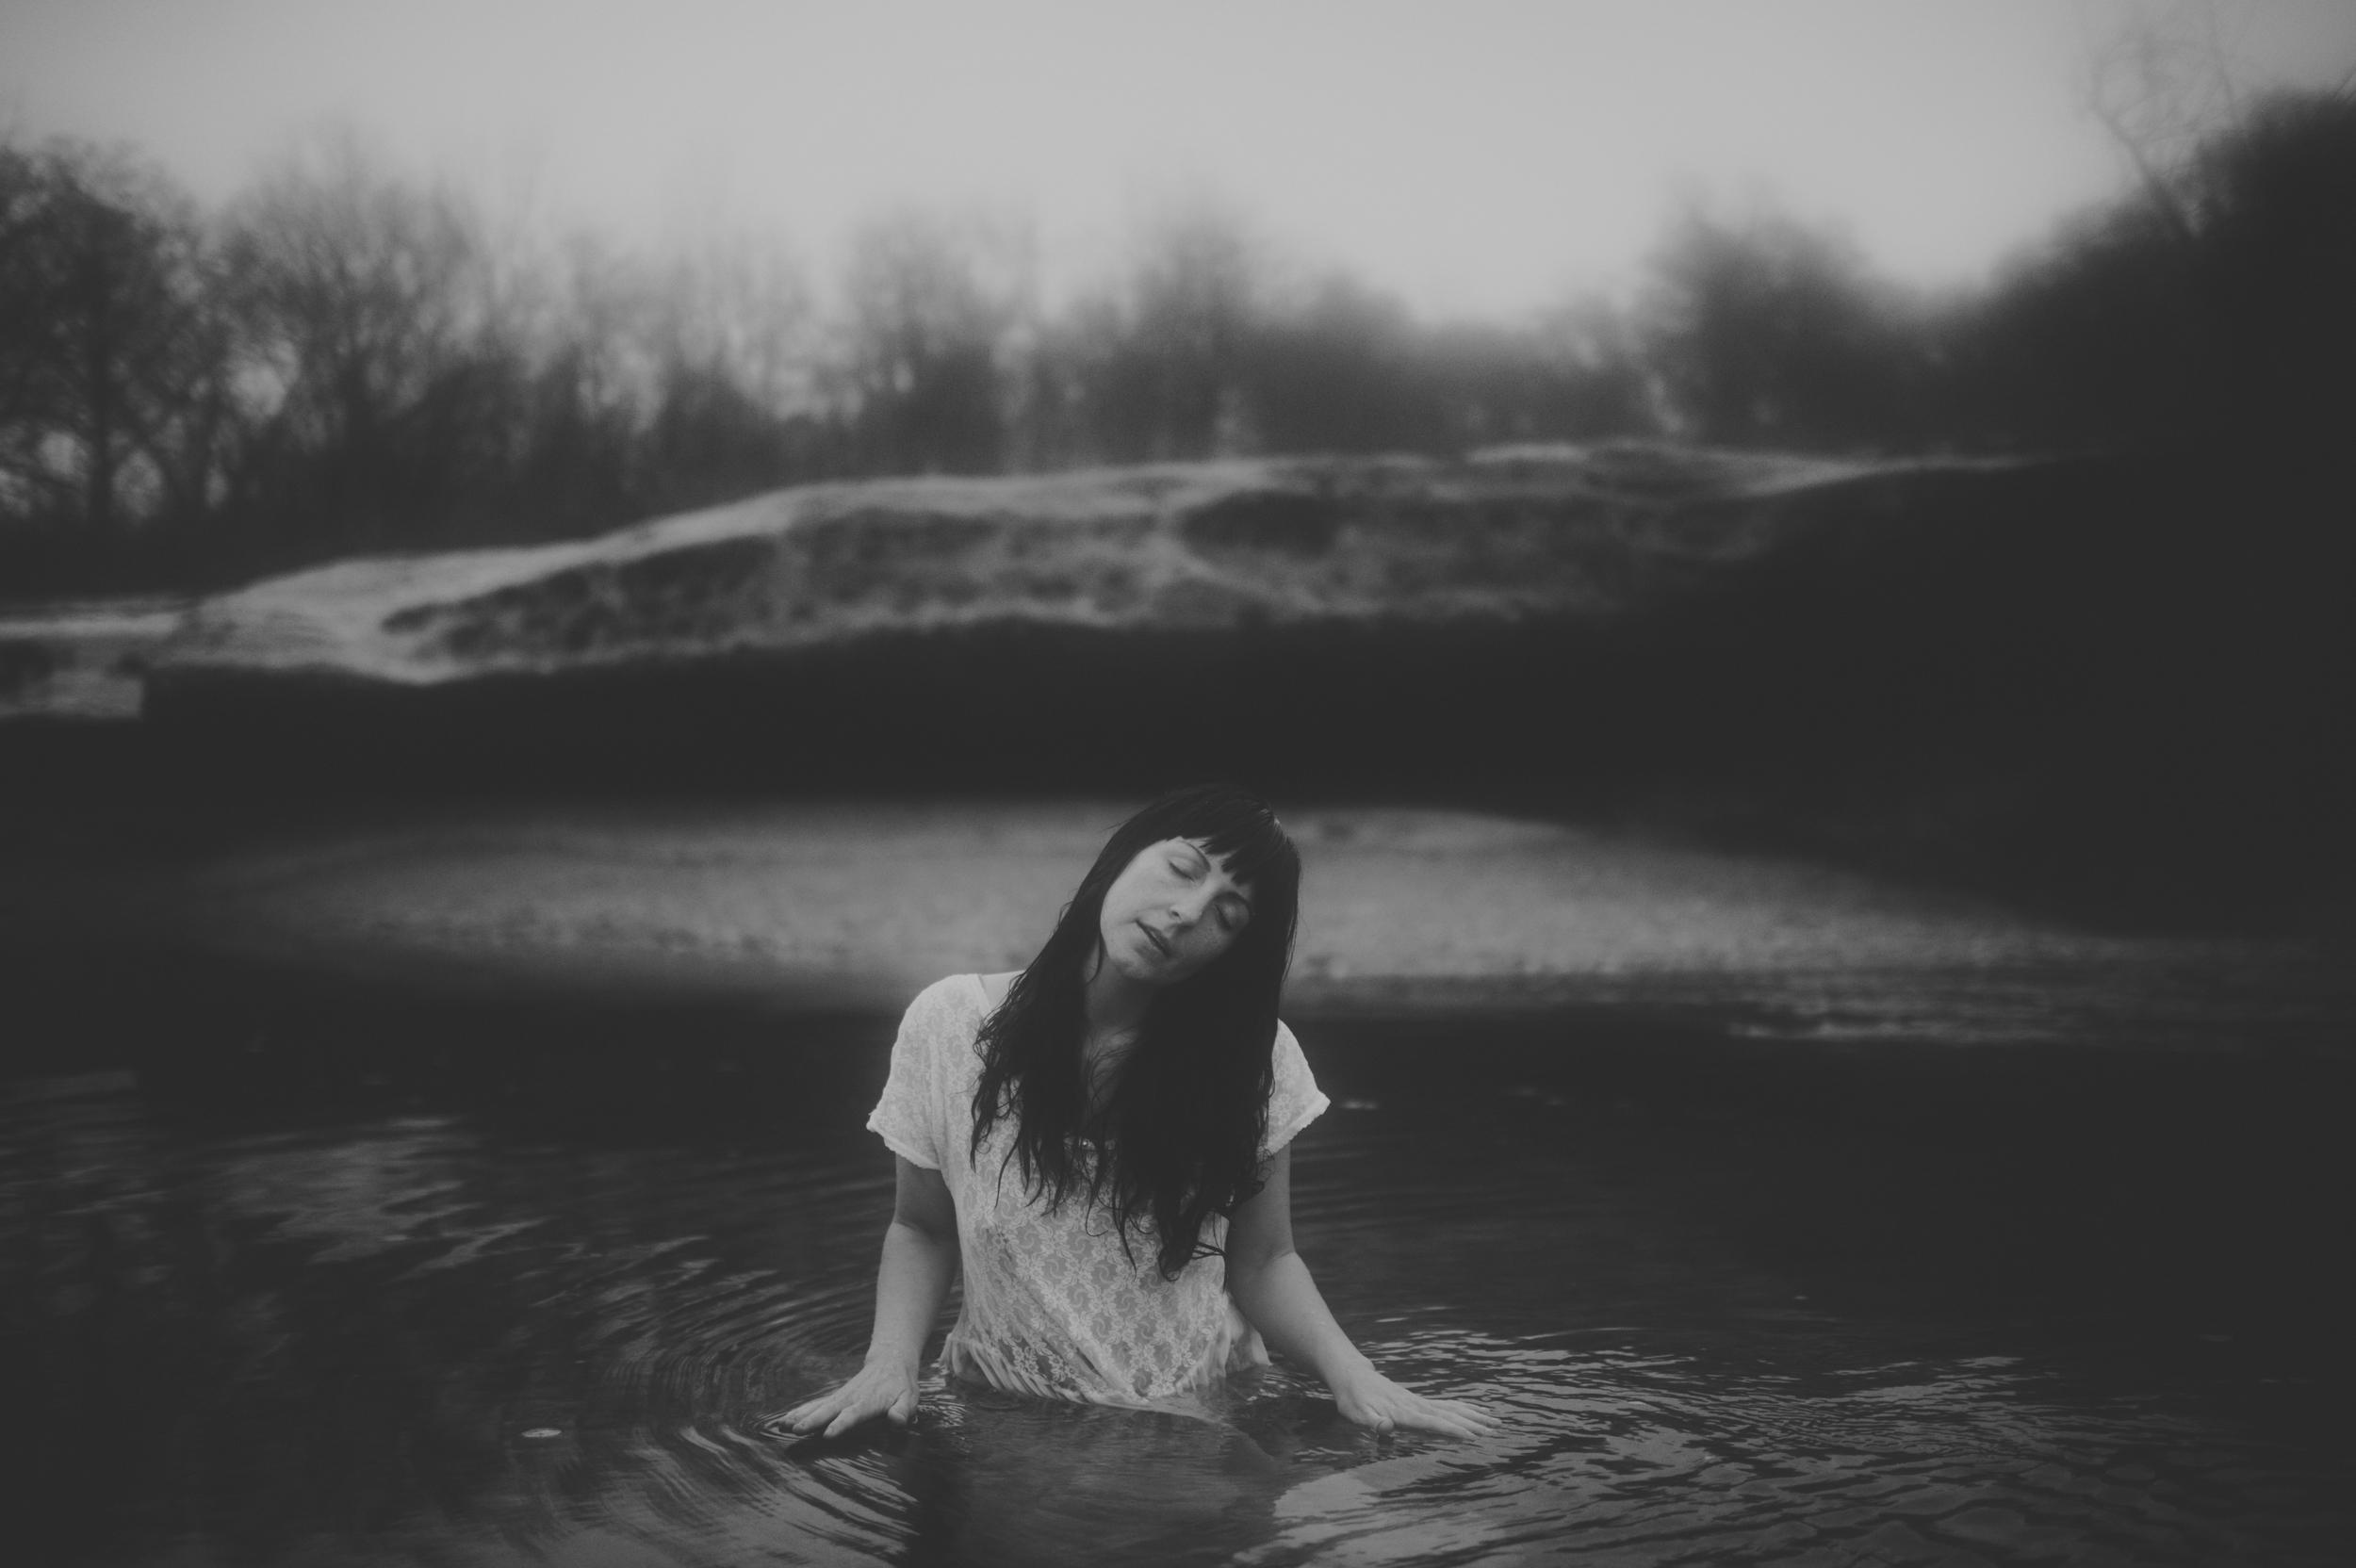 river-story-joy-gardella203.JPG